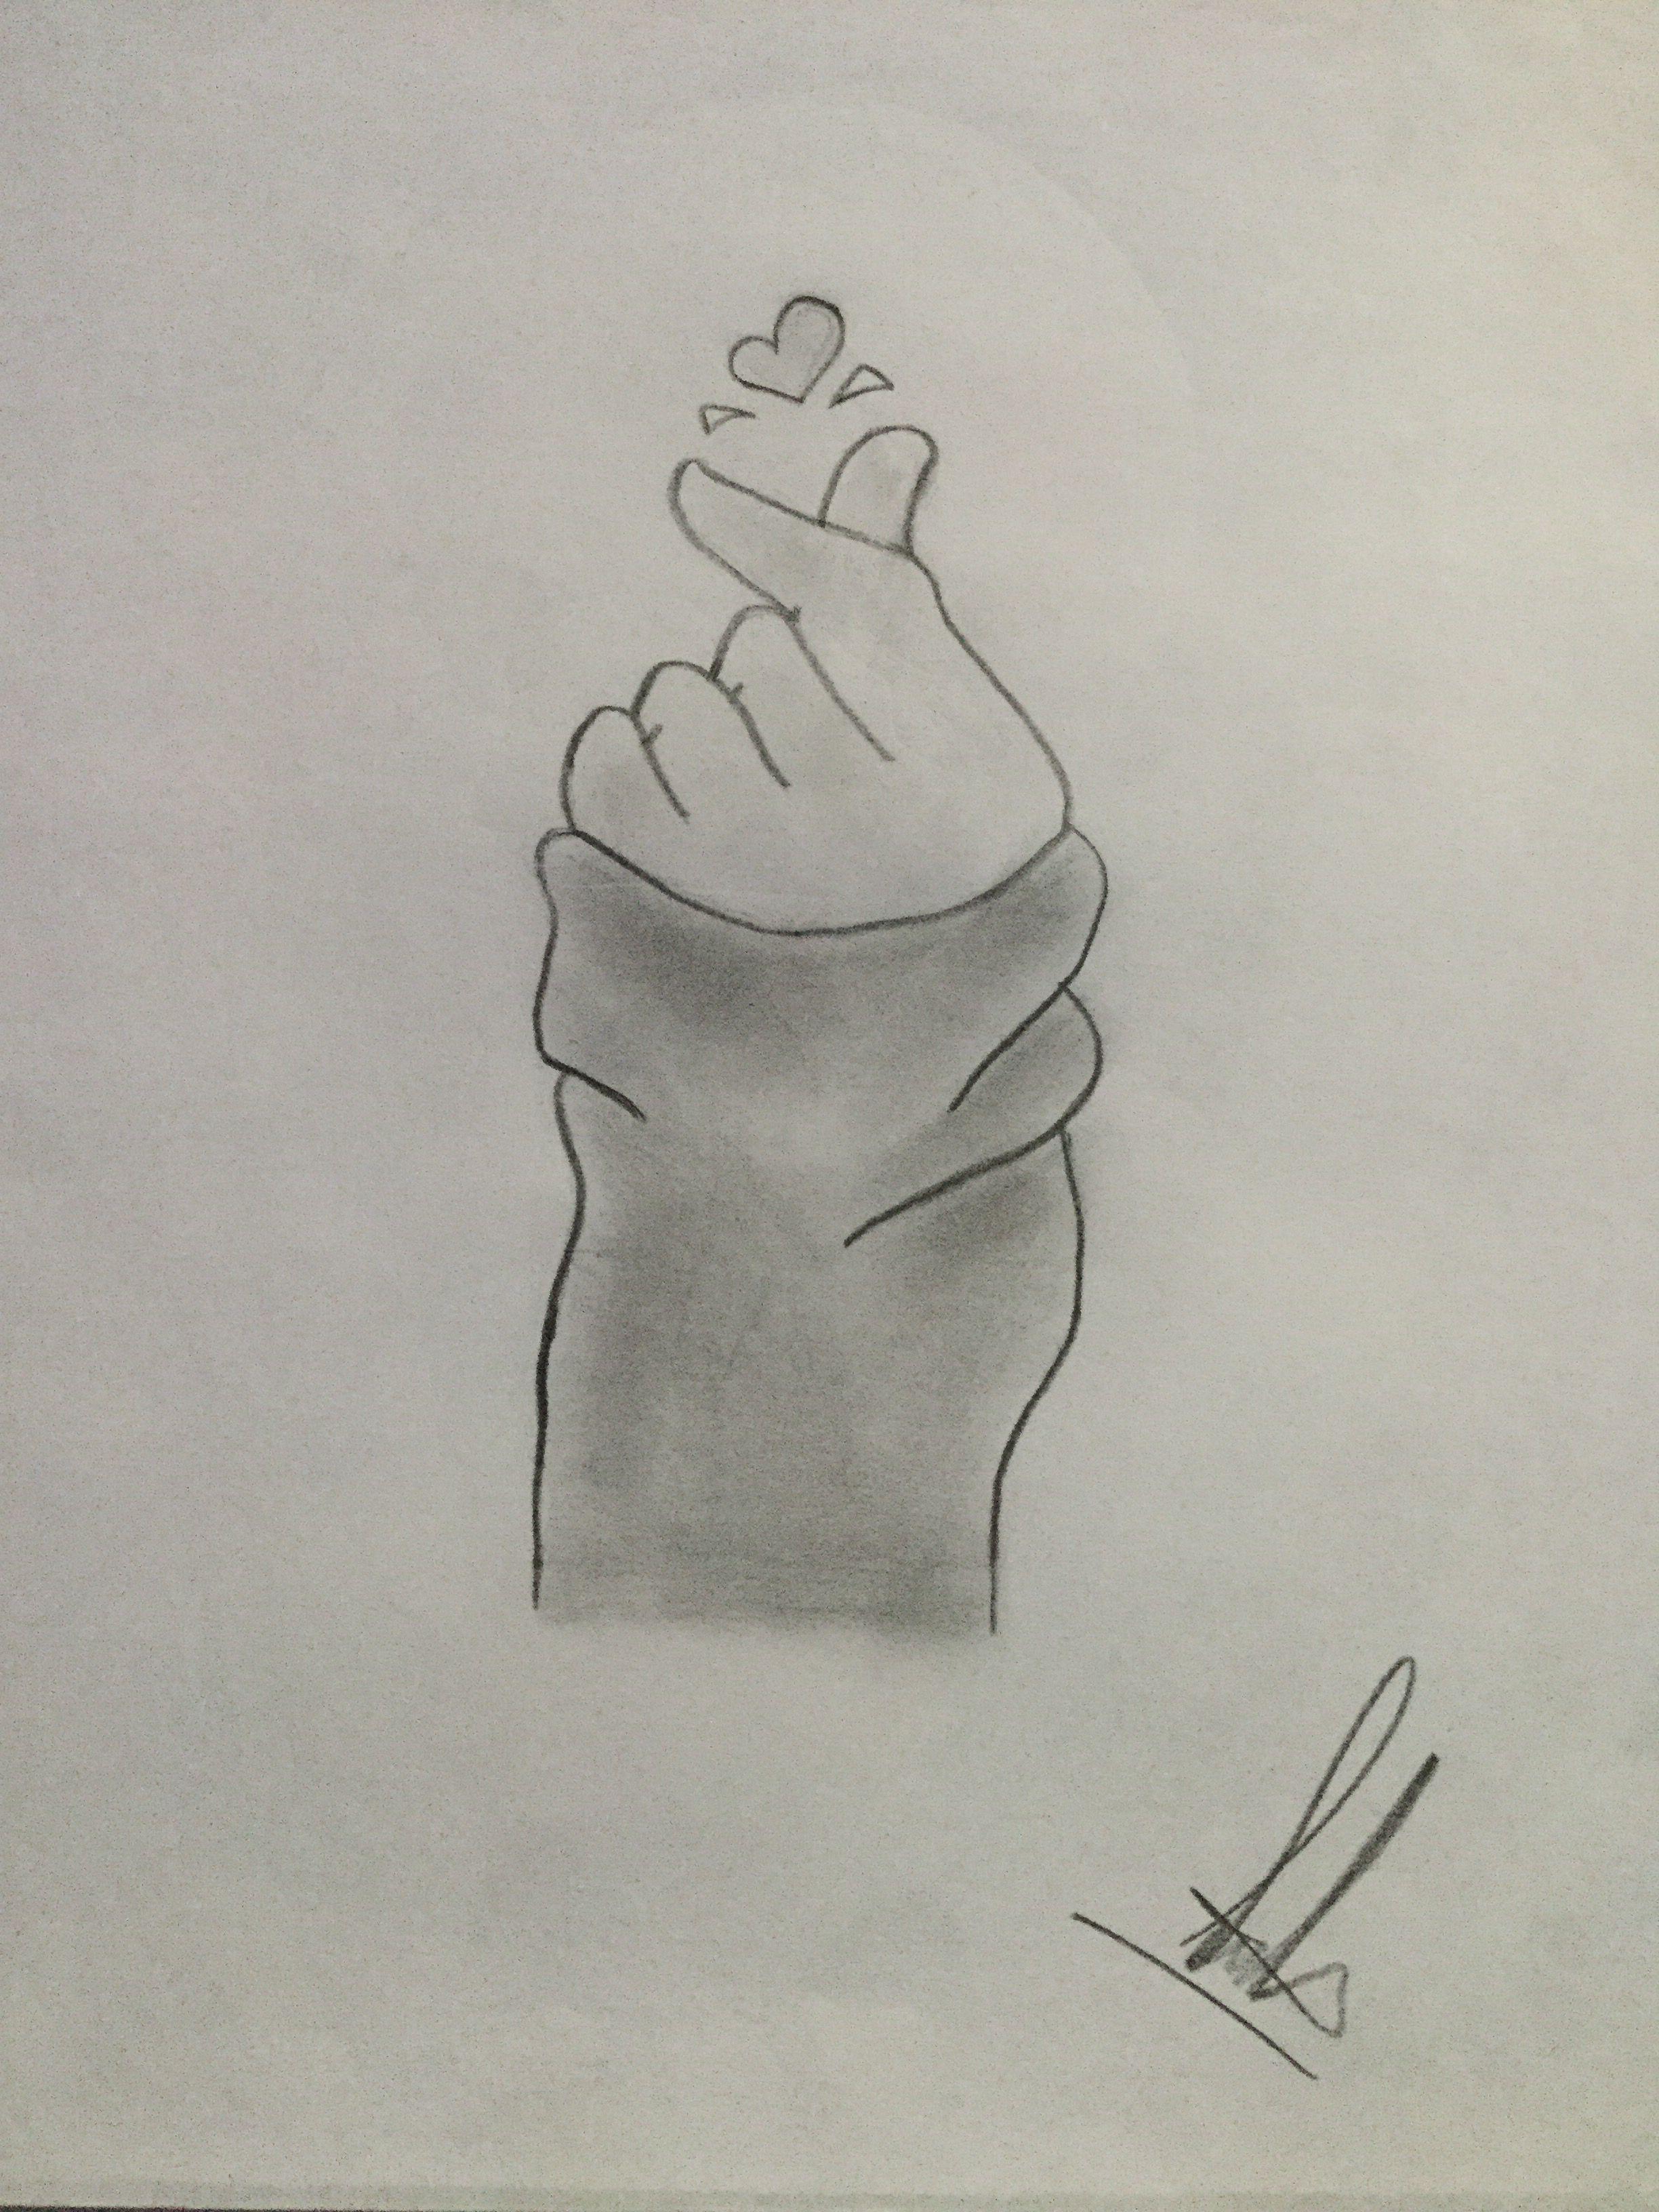 Drawings love me simple shading pencilart beautiful art